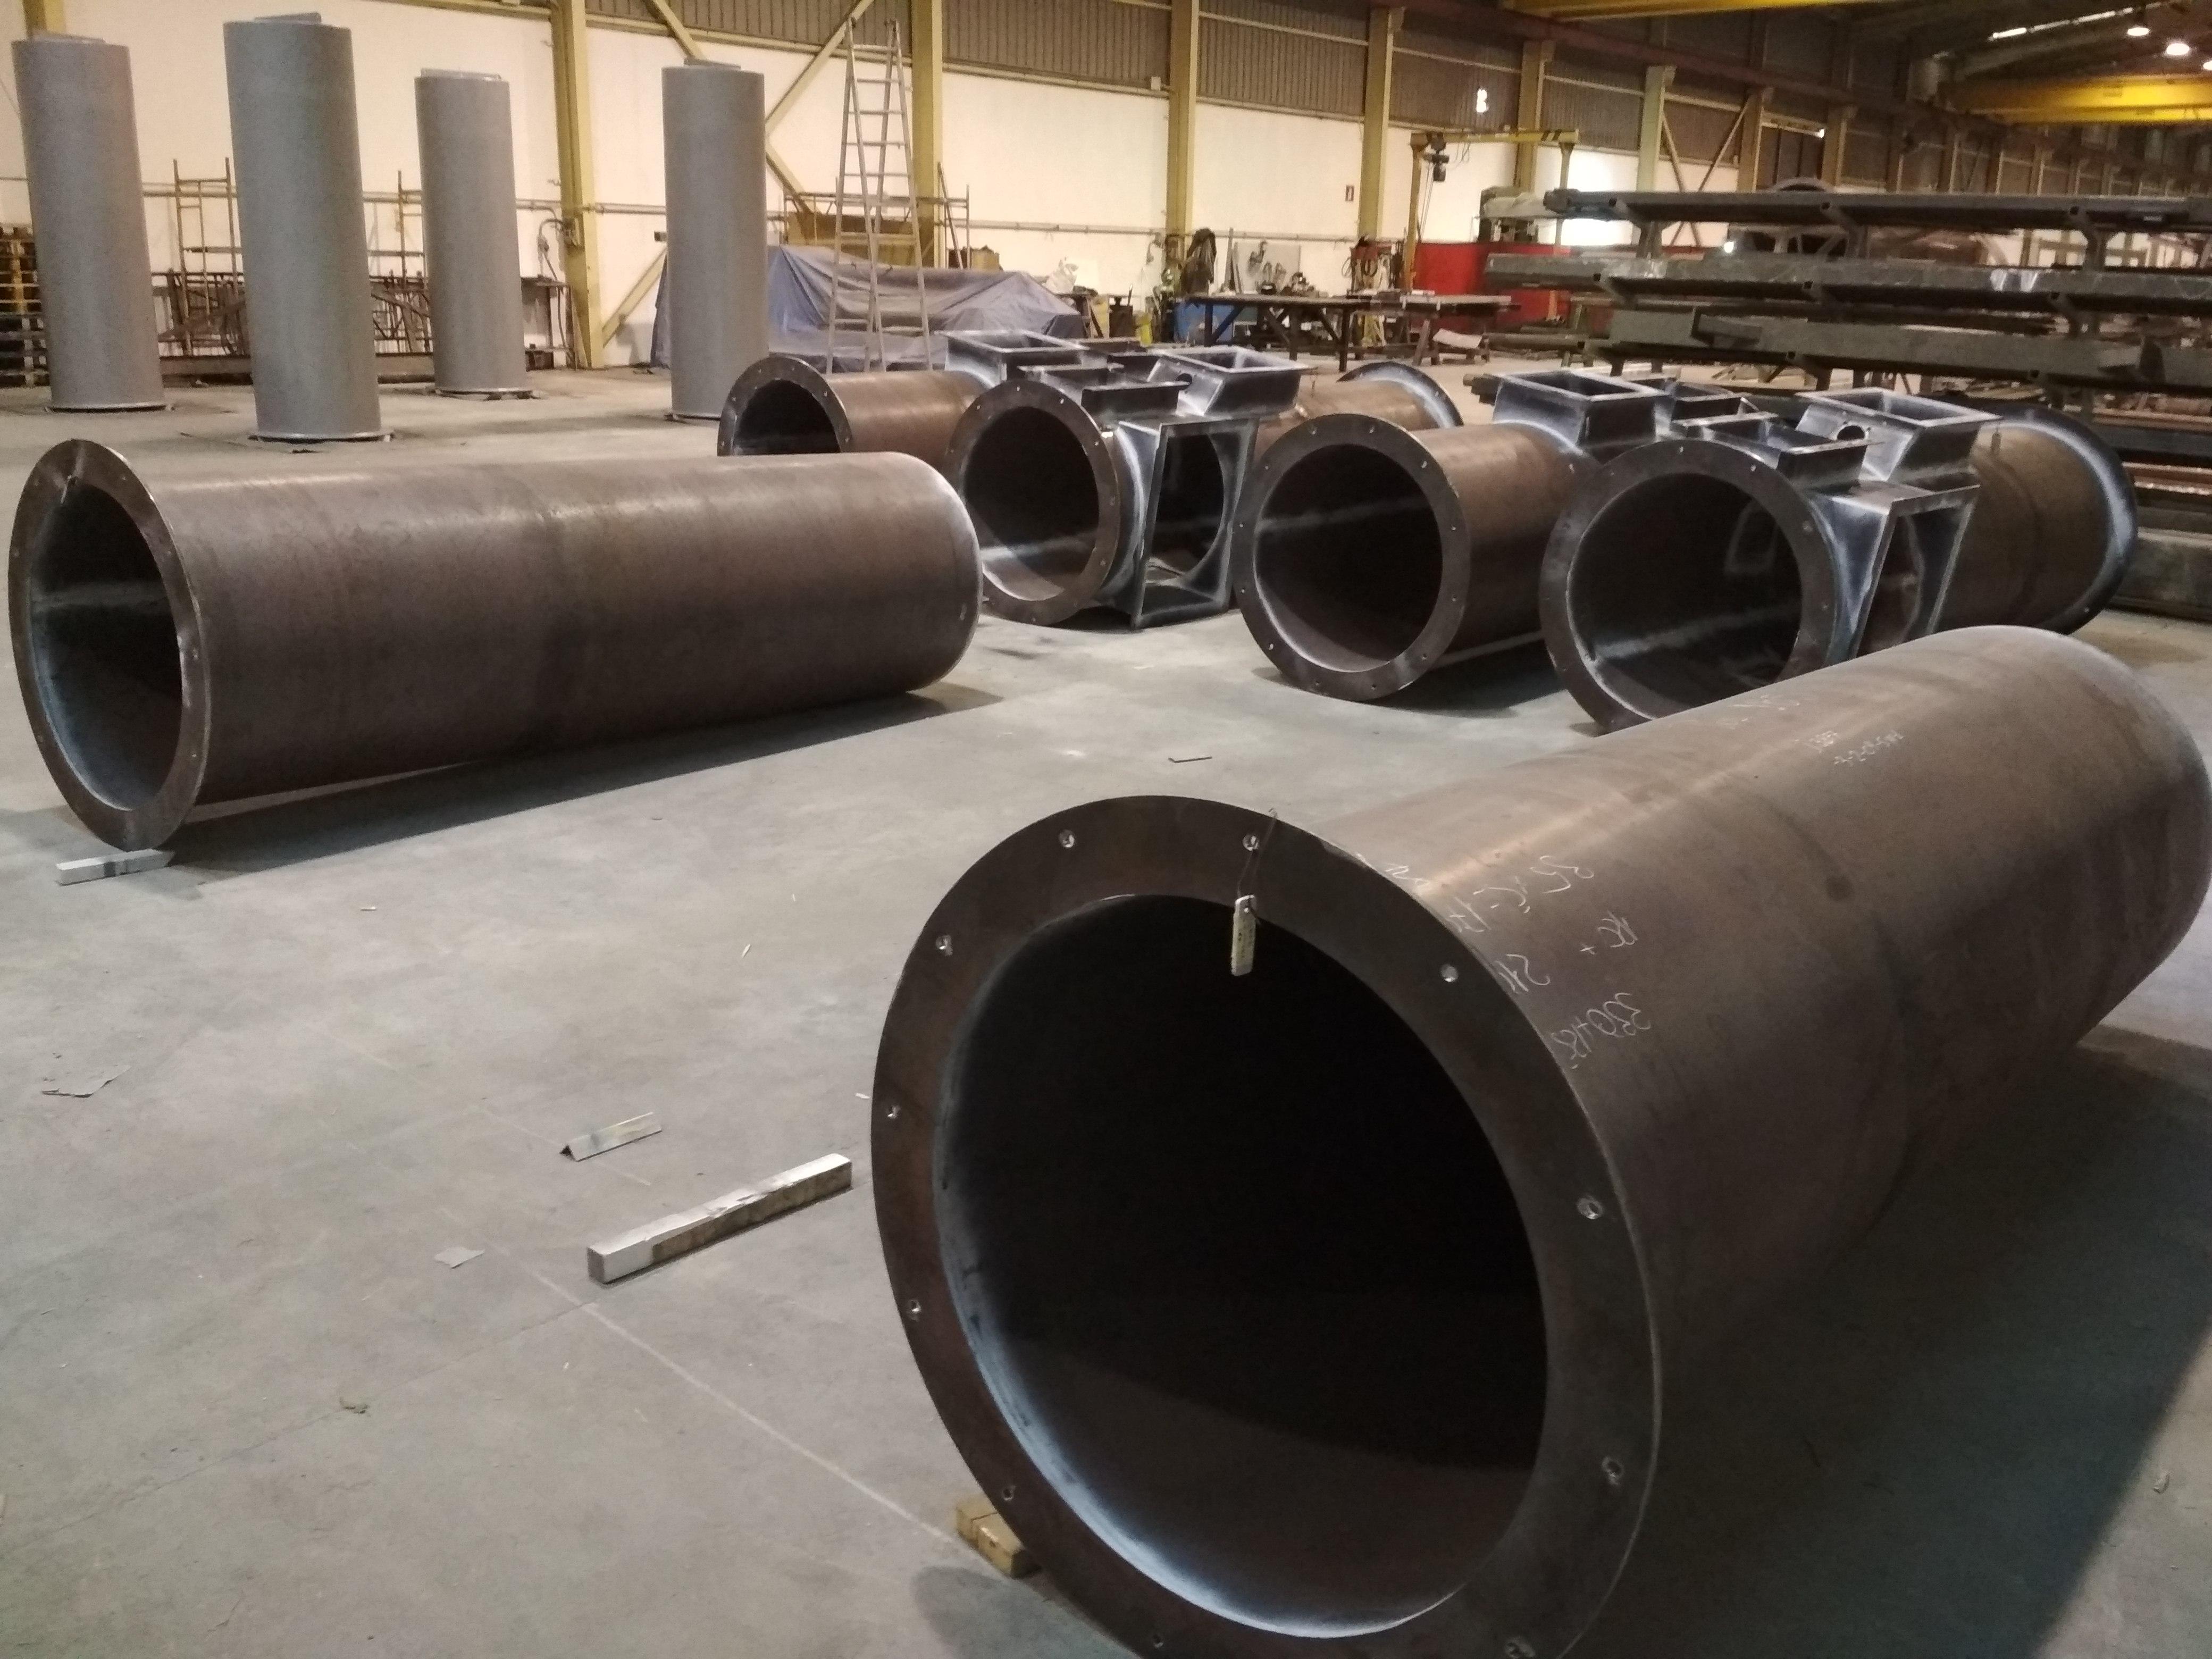 IMG 20180703 071341 - Welding inspection